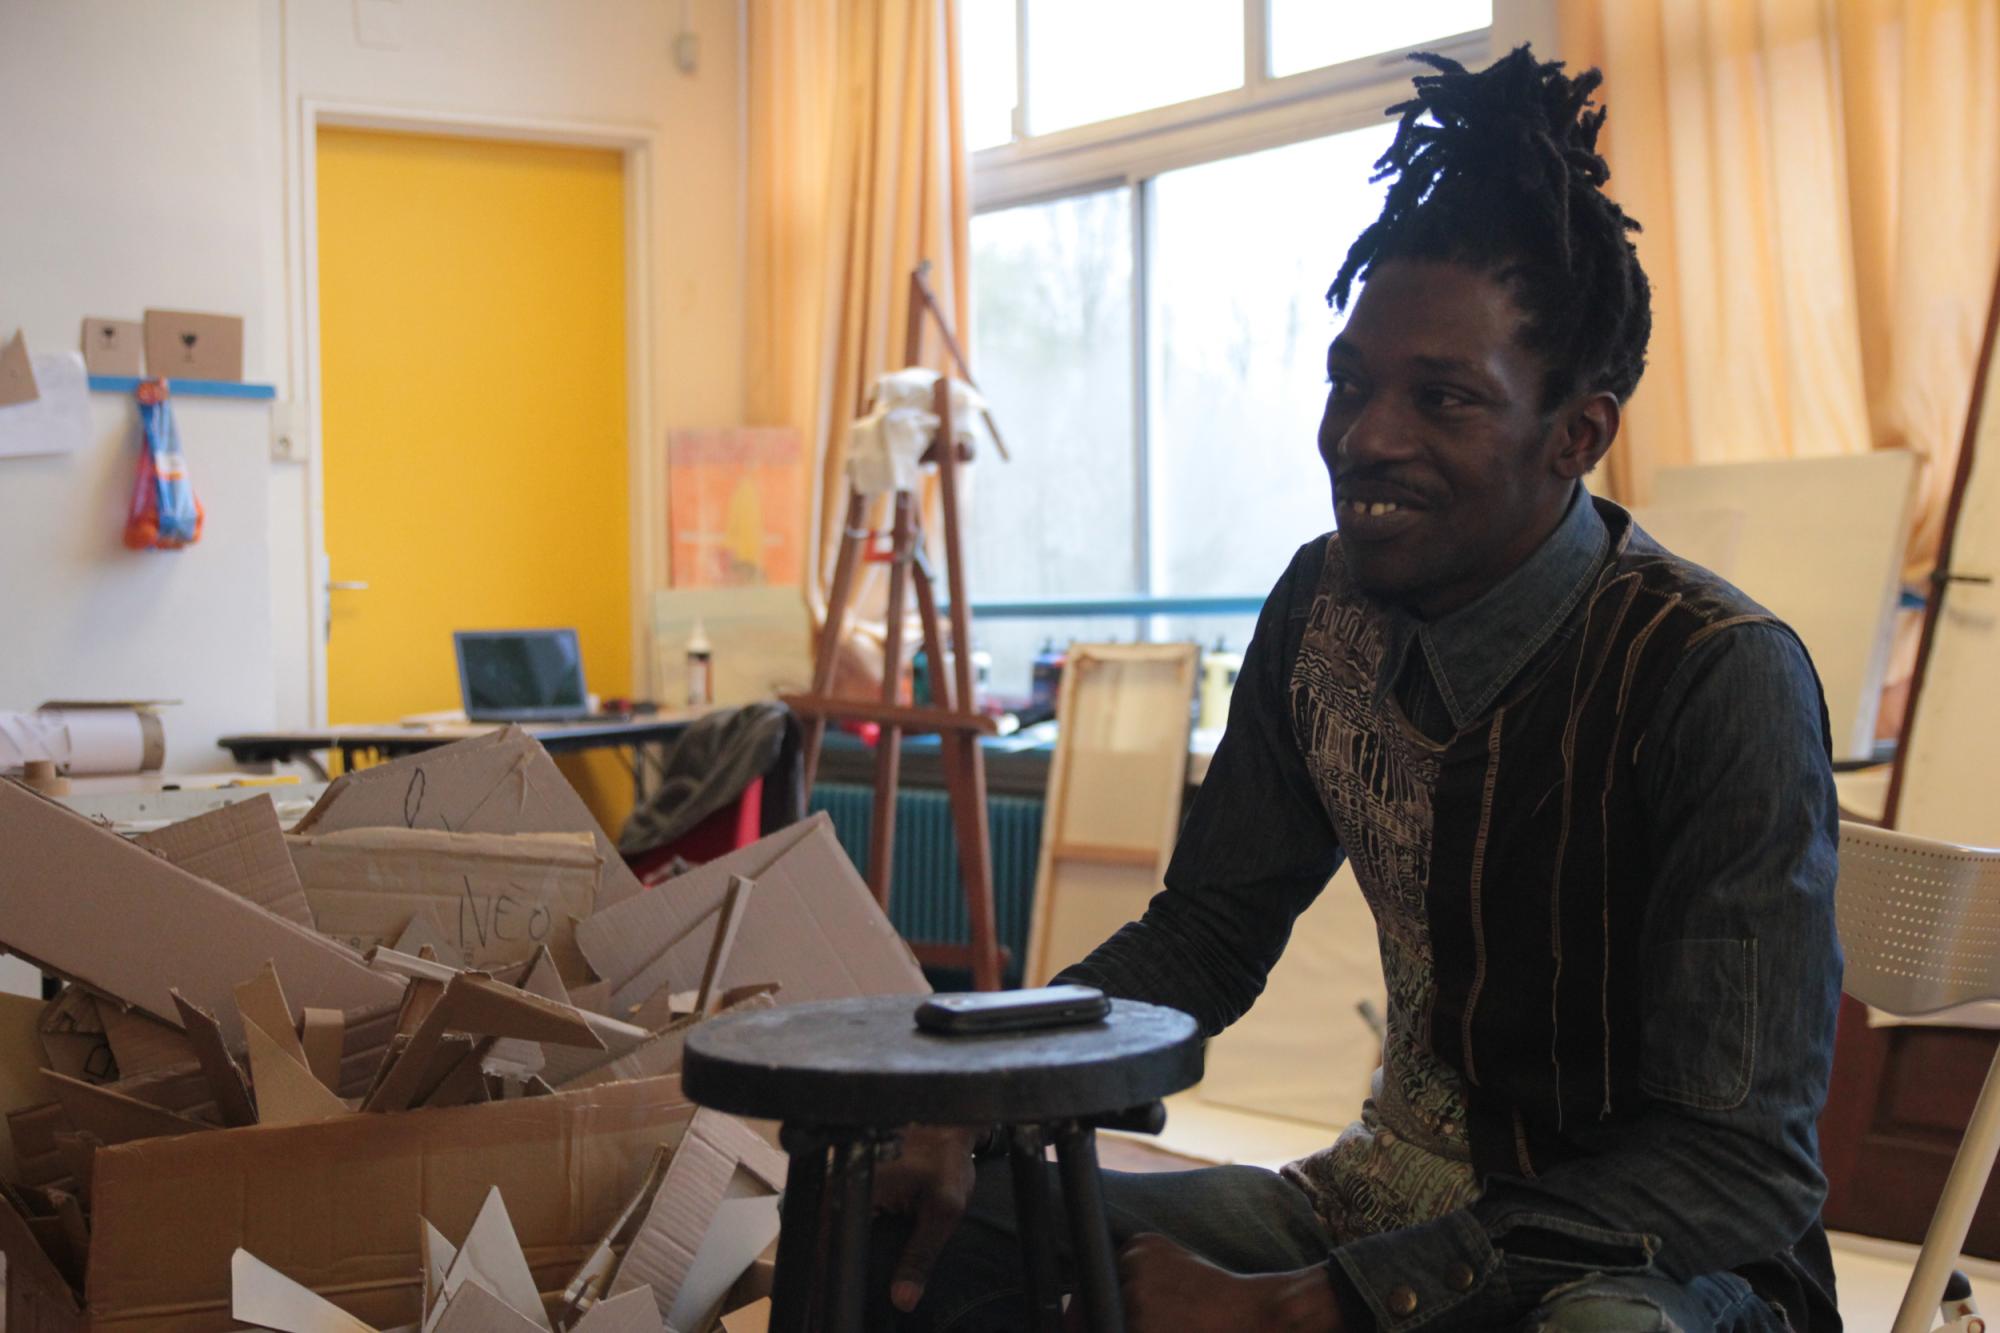 L'artiste sénégalais Amadou Tounkara en résidence à Nantes pour le festival Palabres Urbaines. Crédit photo: Hugo Philippon.